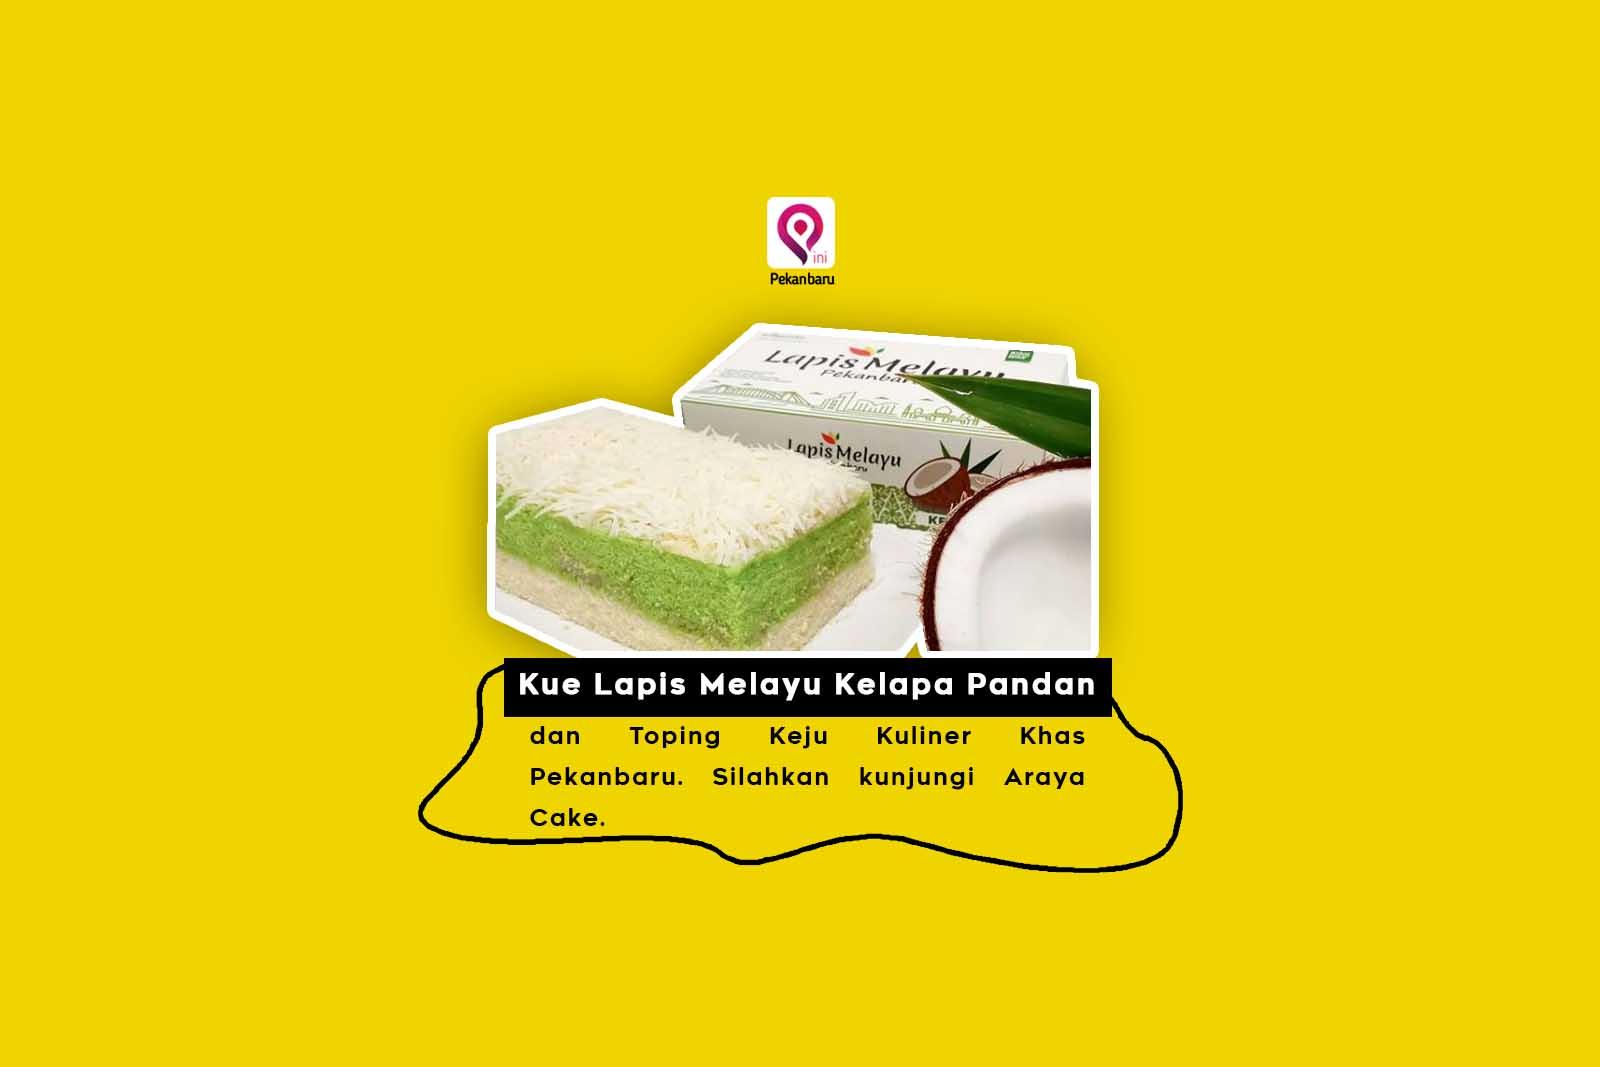 Kue Lapis Melayu Kelapa Pandan dan Toping Keju Kuliner Khas Pekanbaru